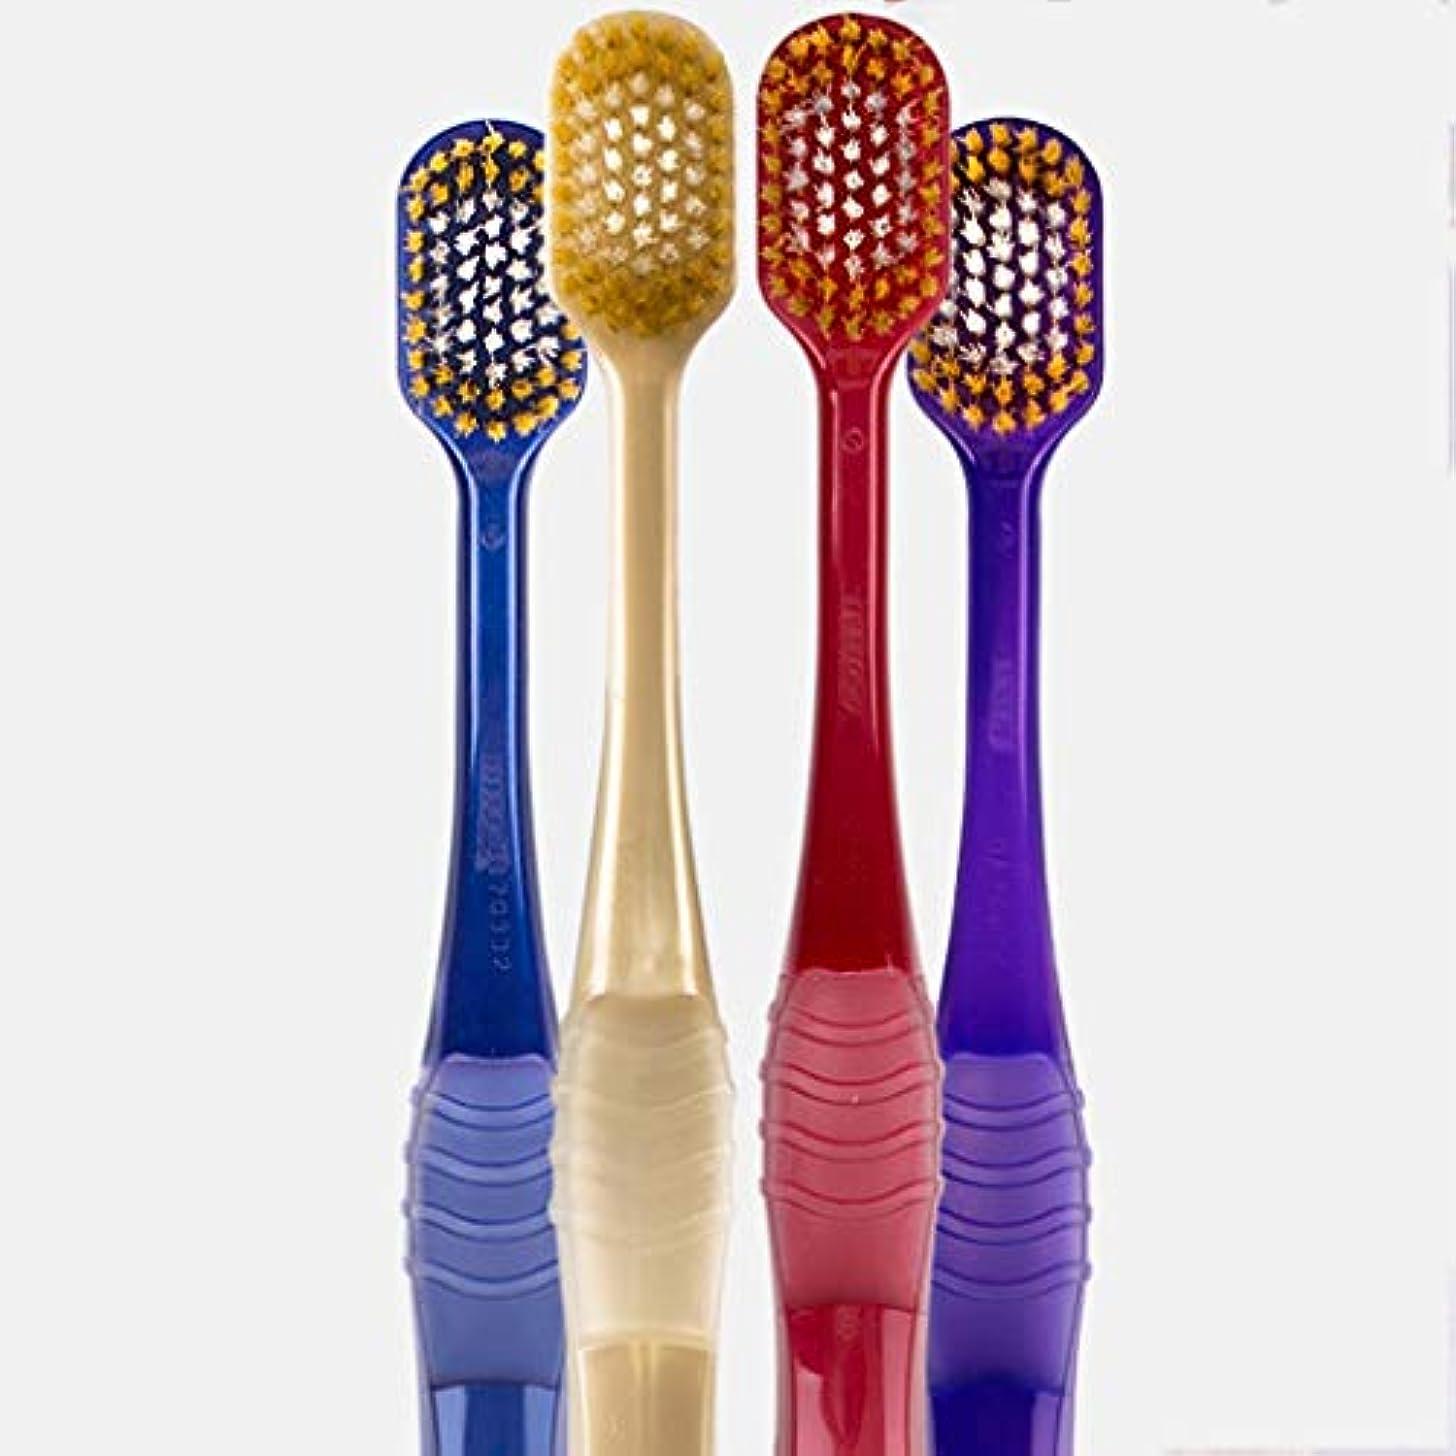 メタンブローモットー超柔らかい歯ブラシ、大人家庭用歯ブラシ、4パック(ランダムカラー)